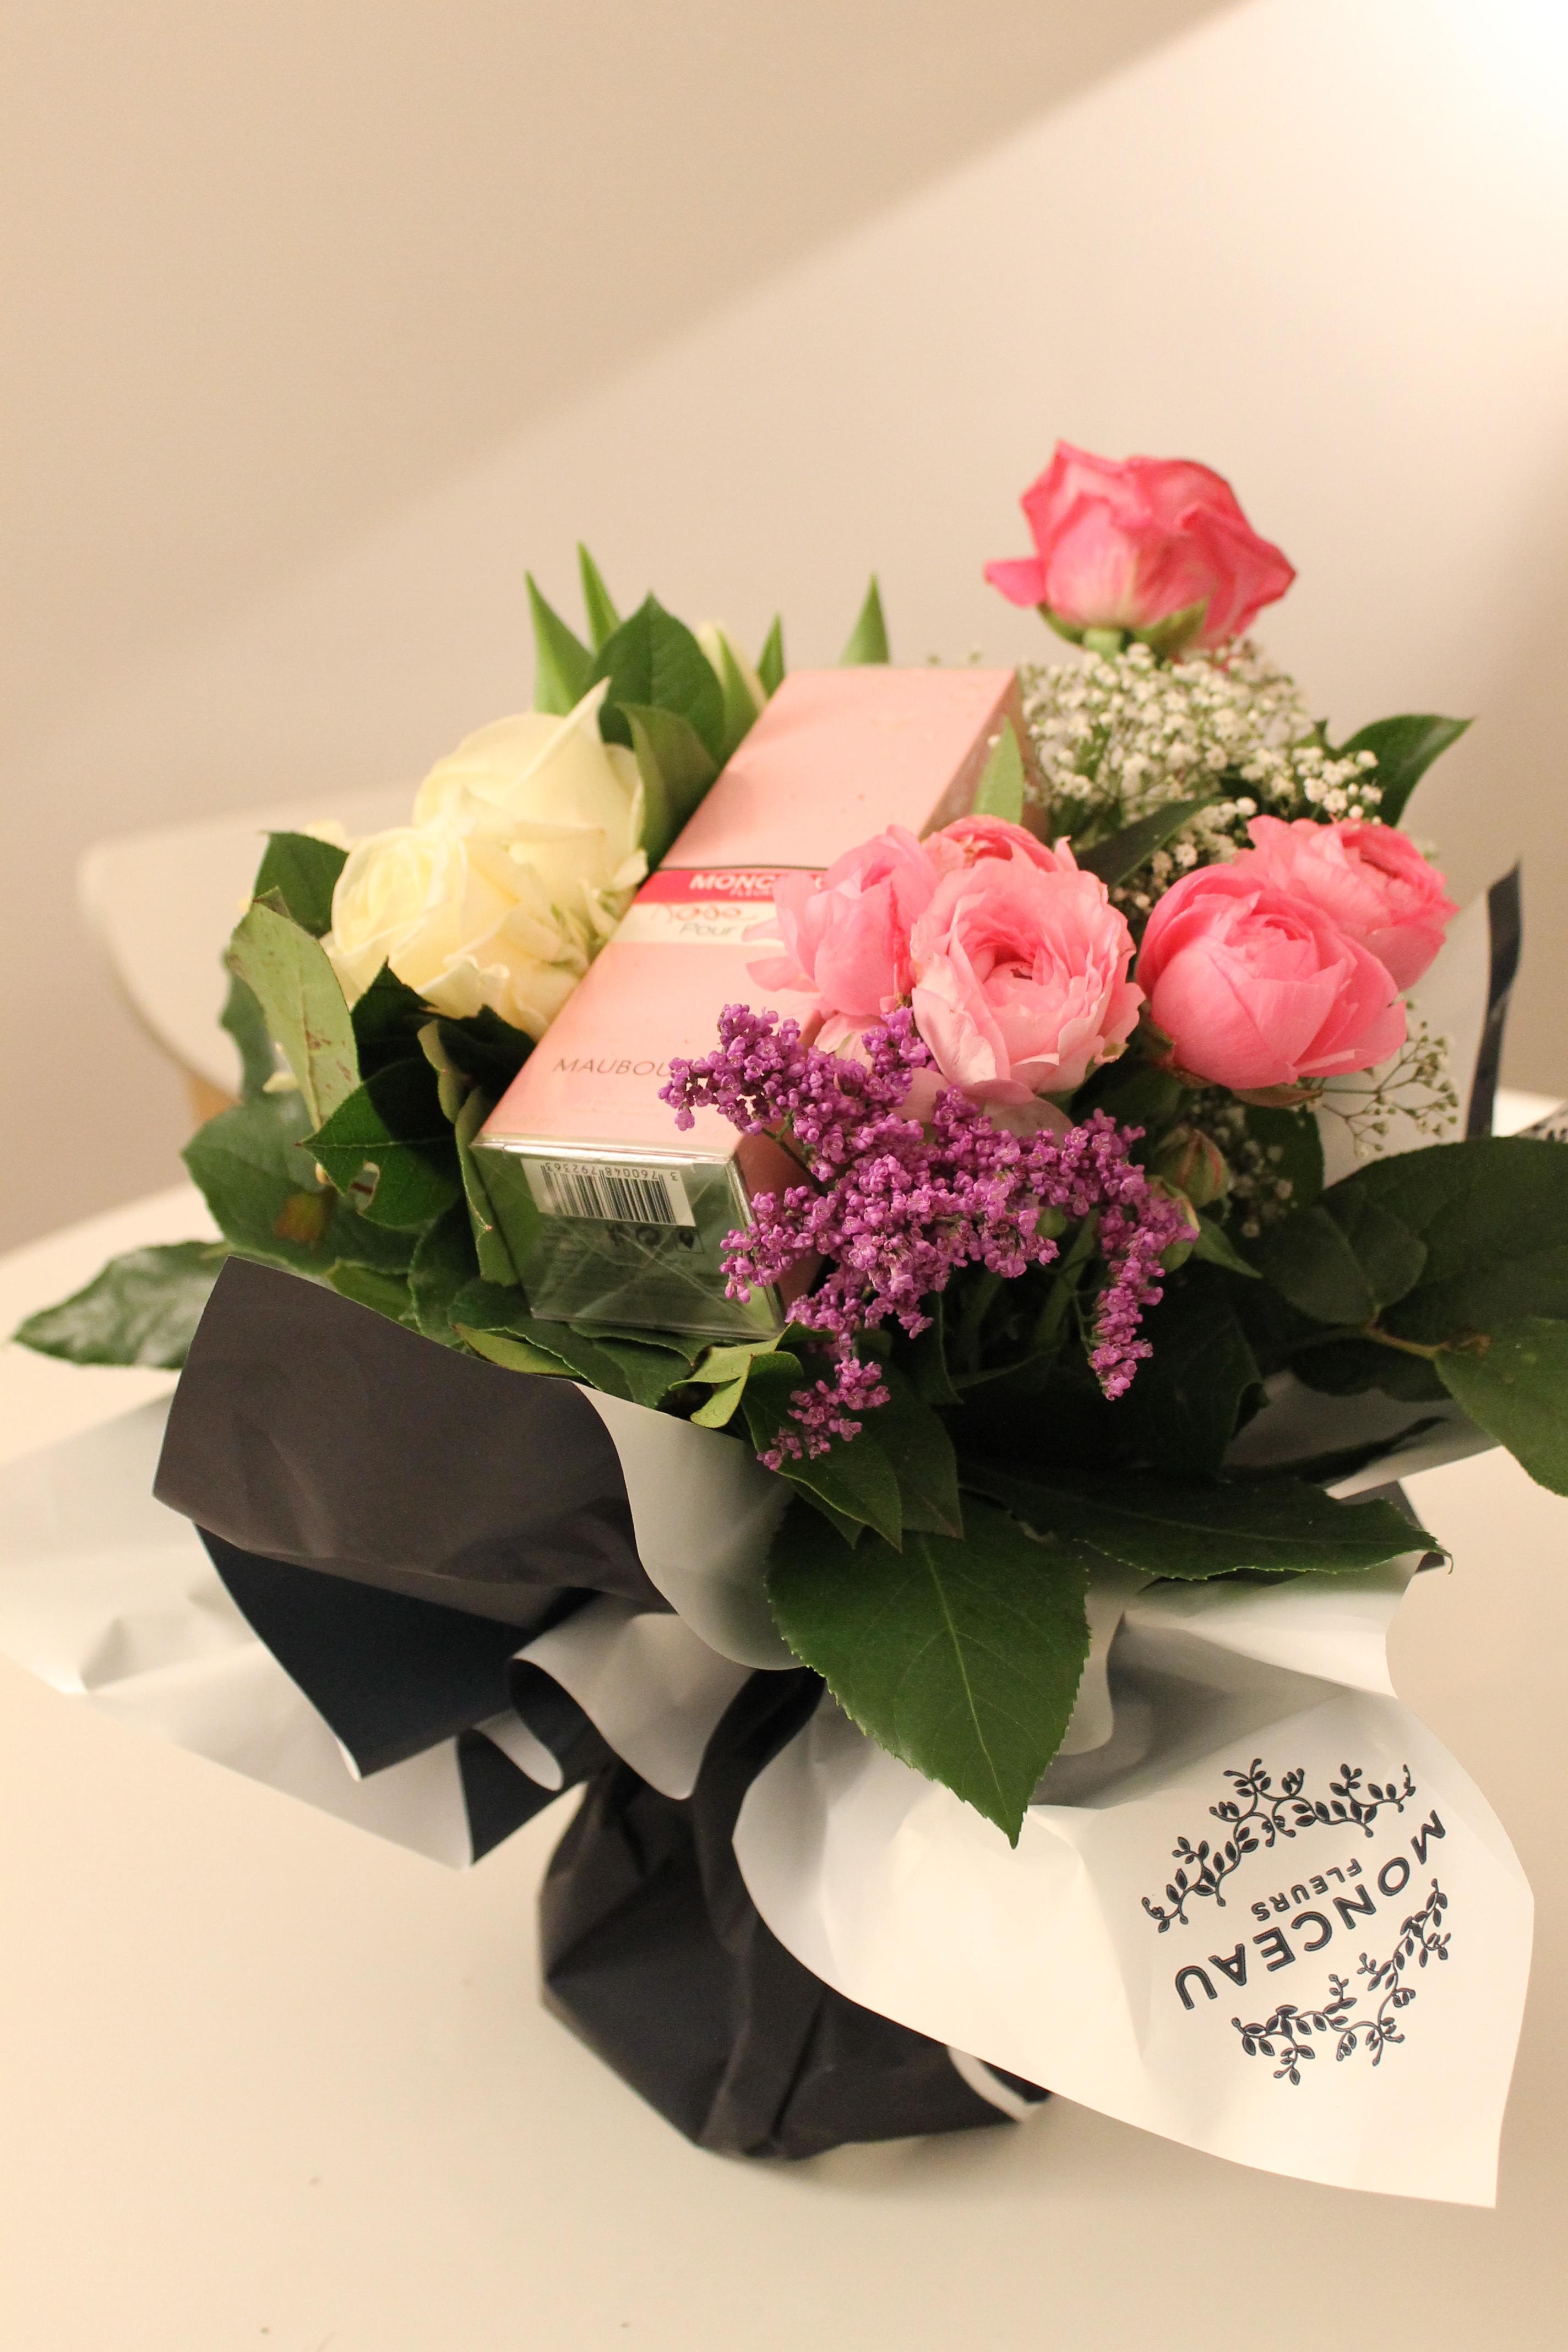 Bouquet De Fleur Pour St Valentin le bouquet parfait pour la saint valentin – rise and shine